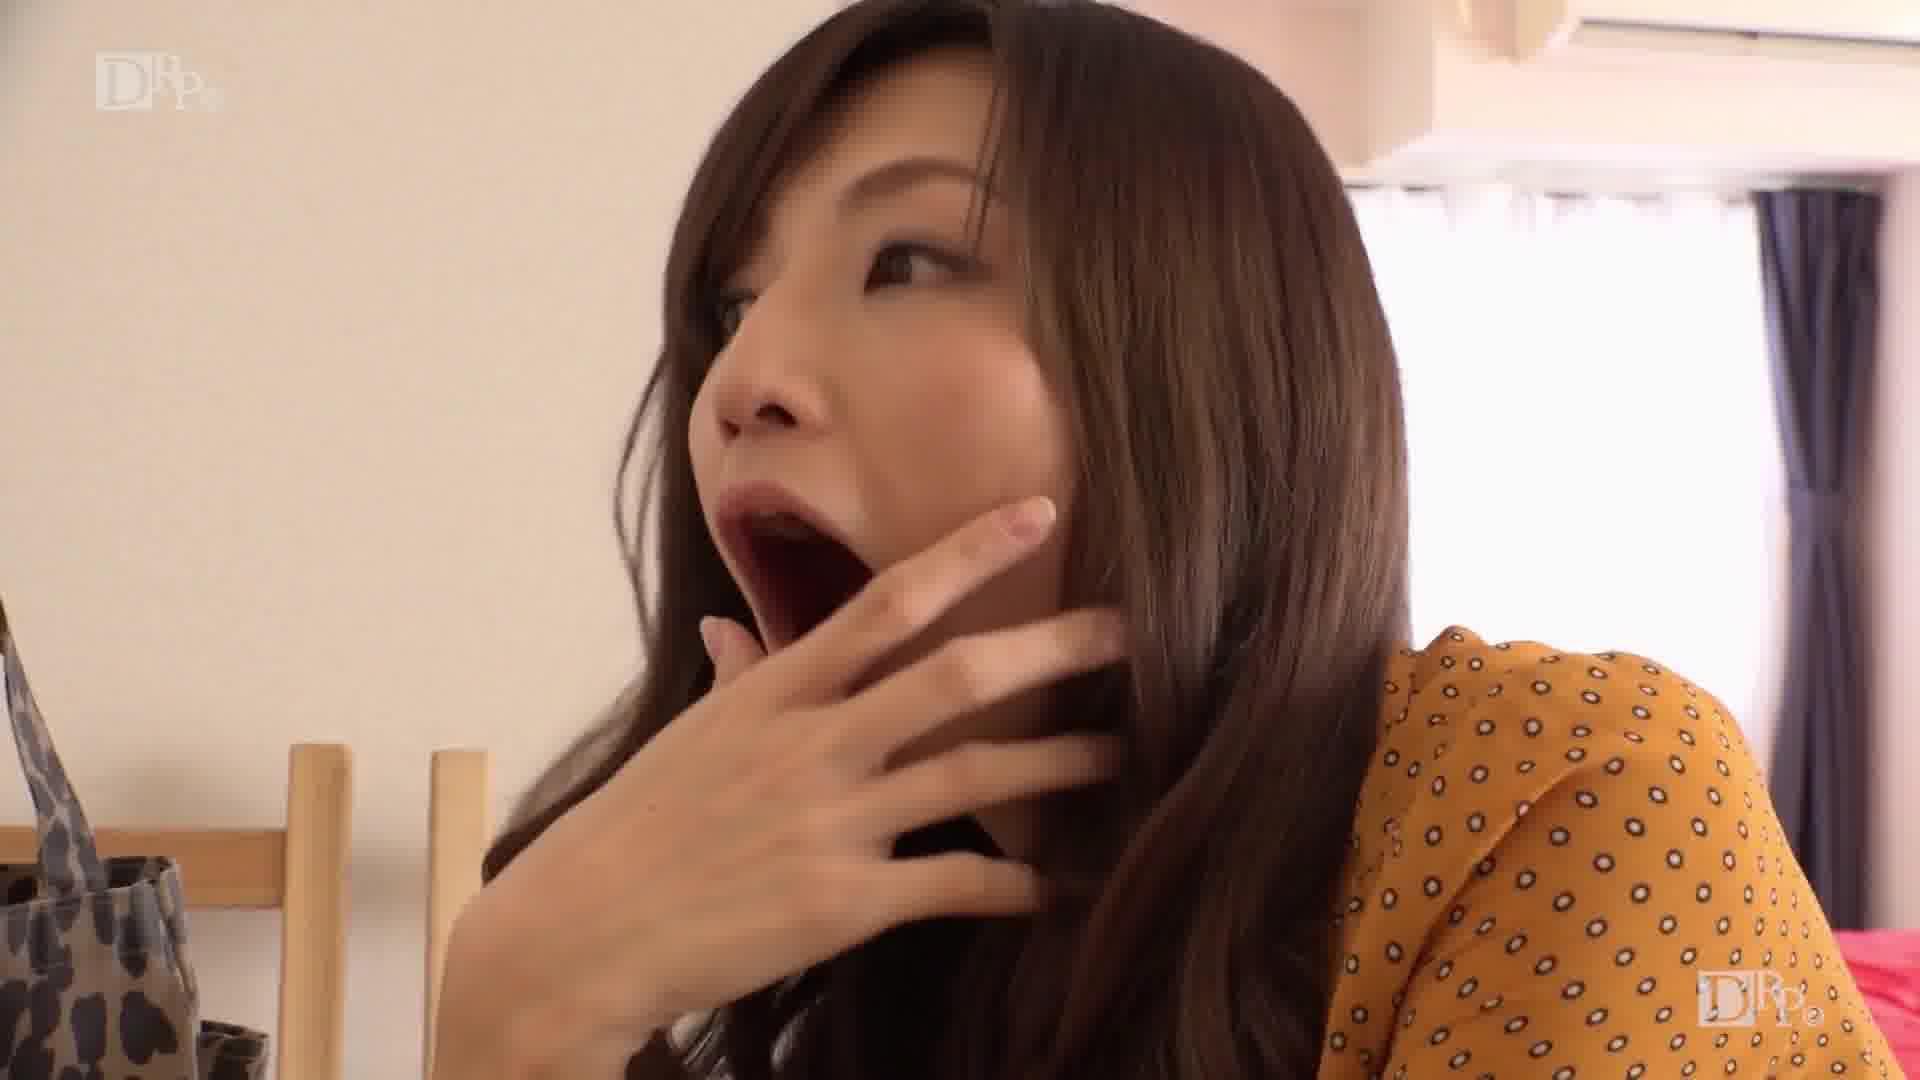 女熱大陸 File.056 - 米倉のあ【コスプレ・スレンダー・潮吹き】